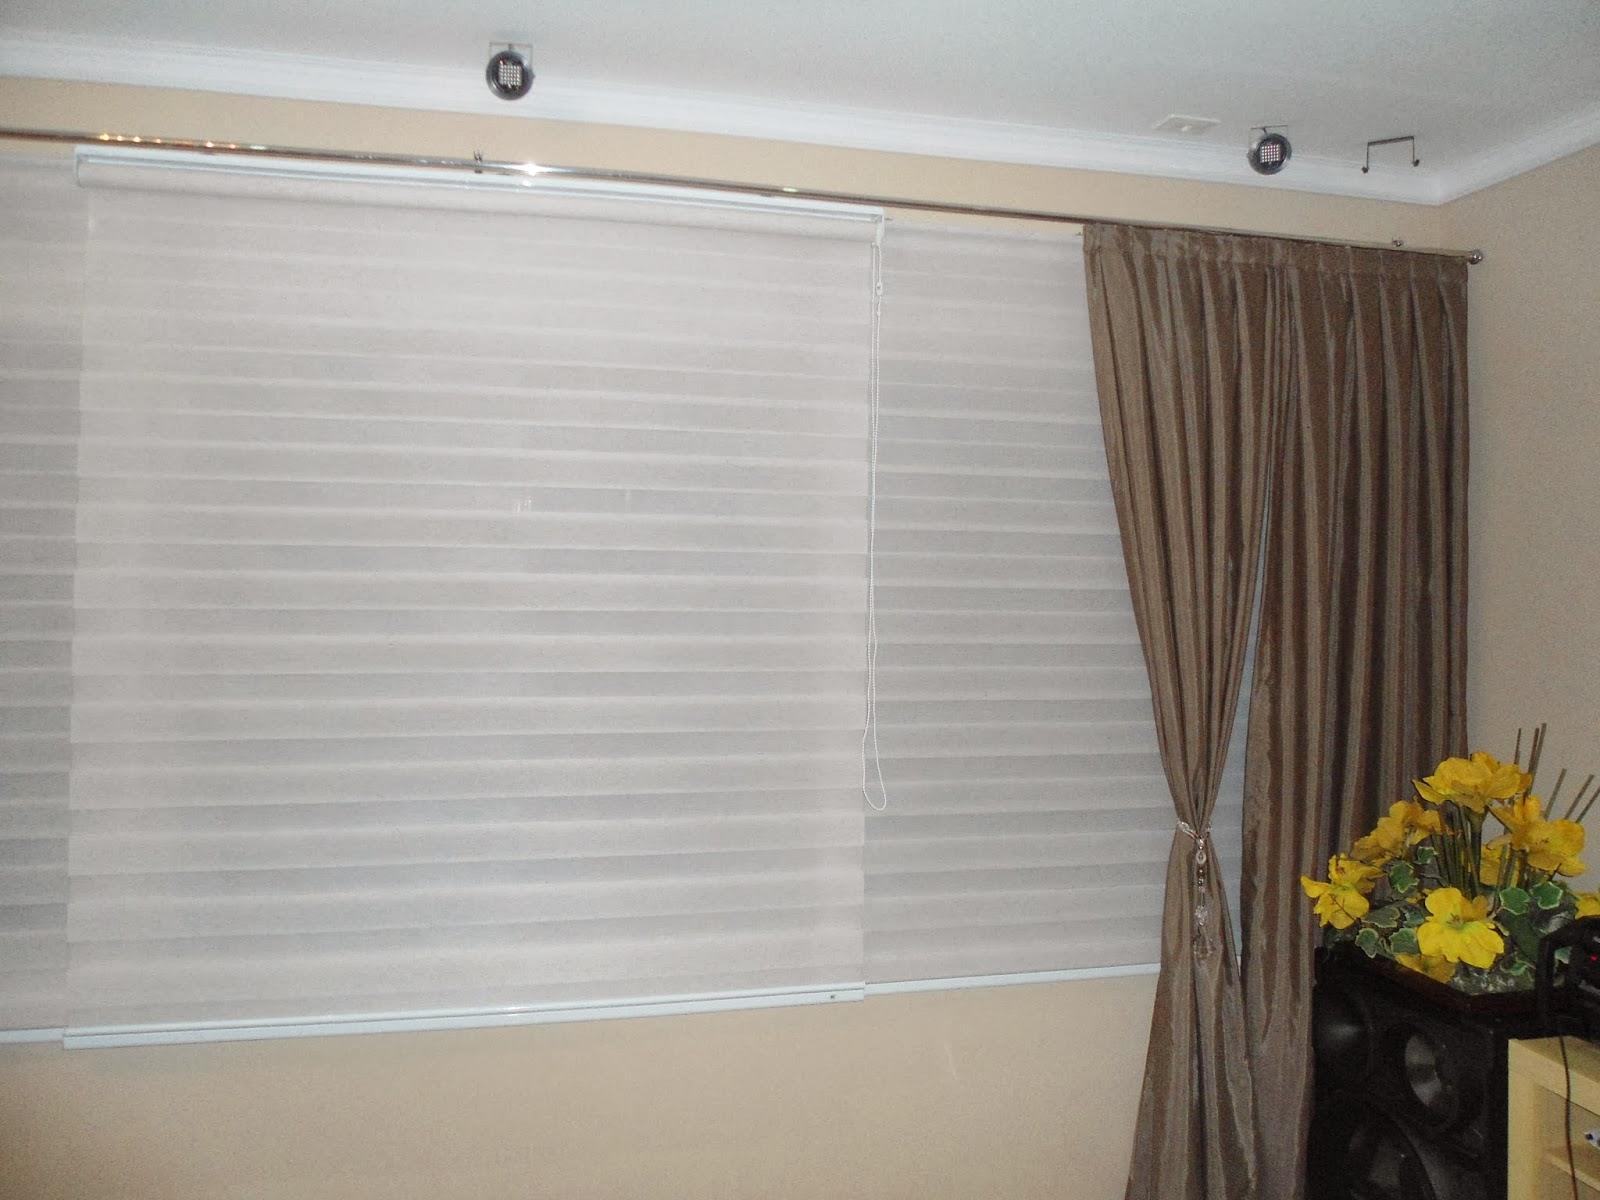 Ursula cortinas e decora es persiana stripe com chale - Cortinas de persiana ...